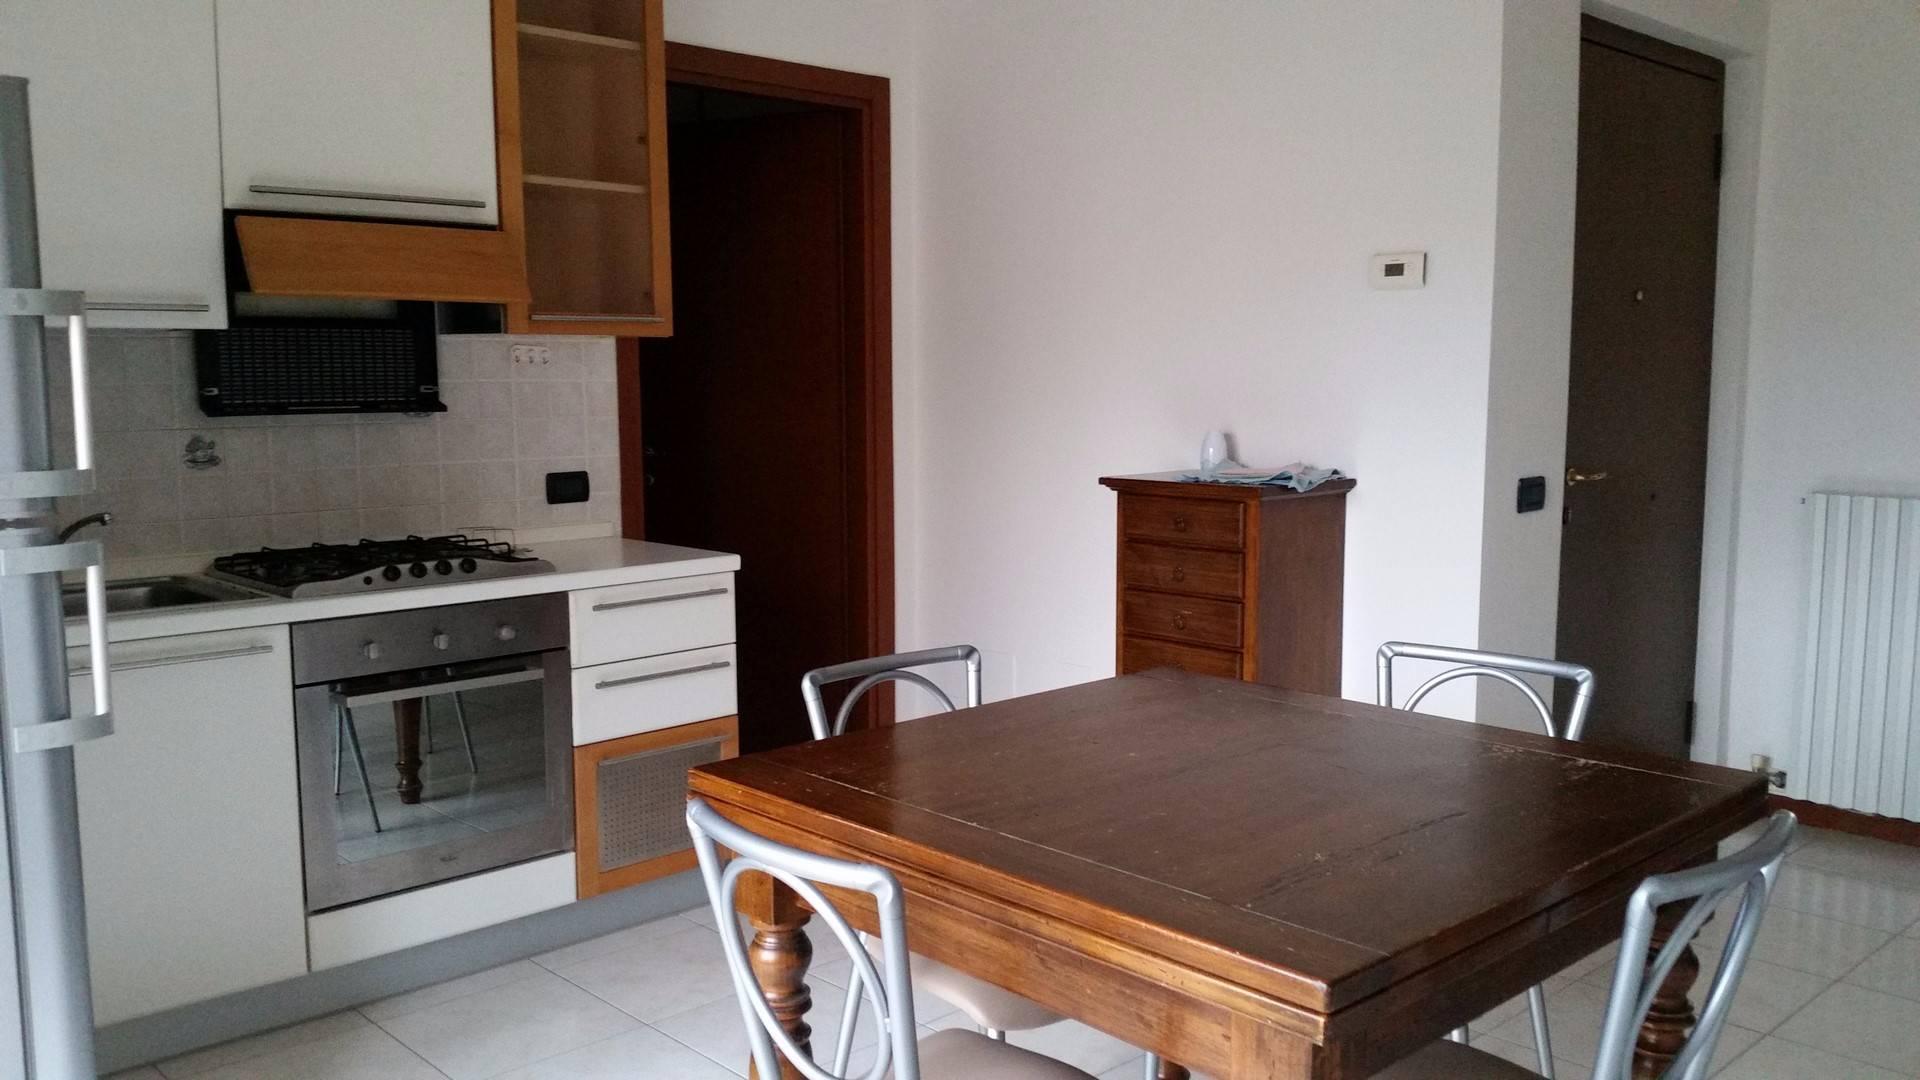 Appartamento in affitto a Monteforte d'Alpone, 2 locali, prezzo € 420 | Cambio Casa.it